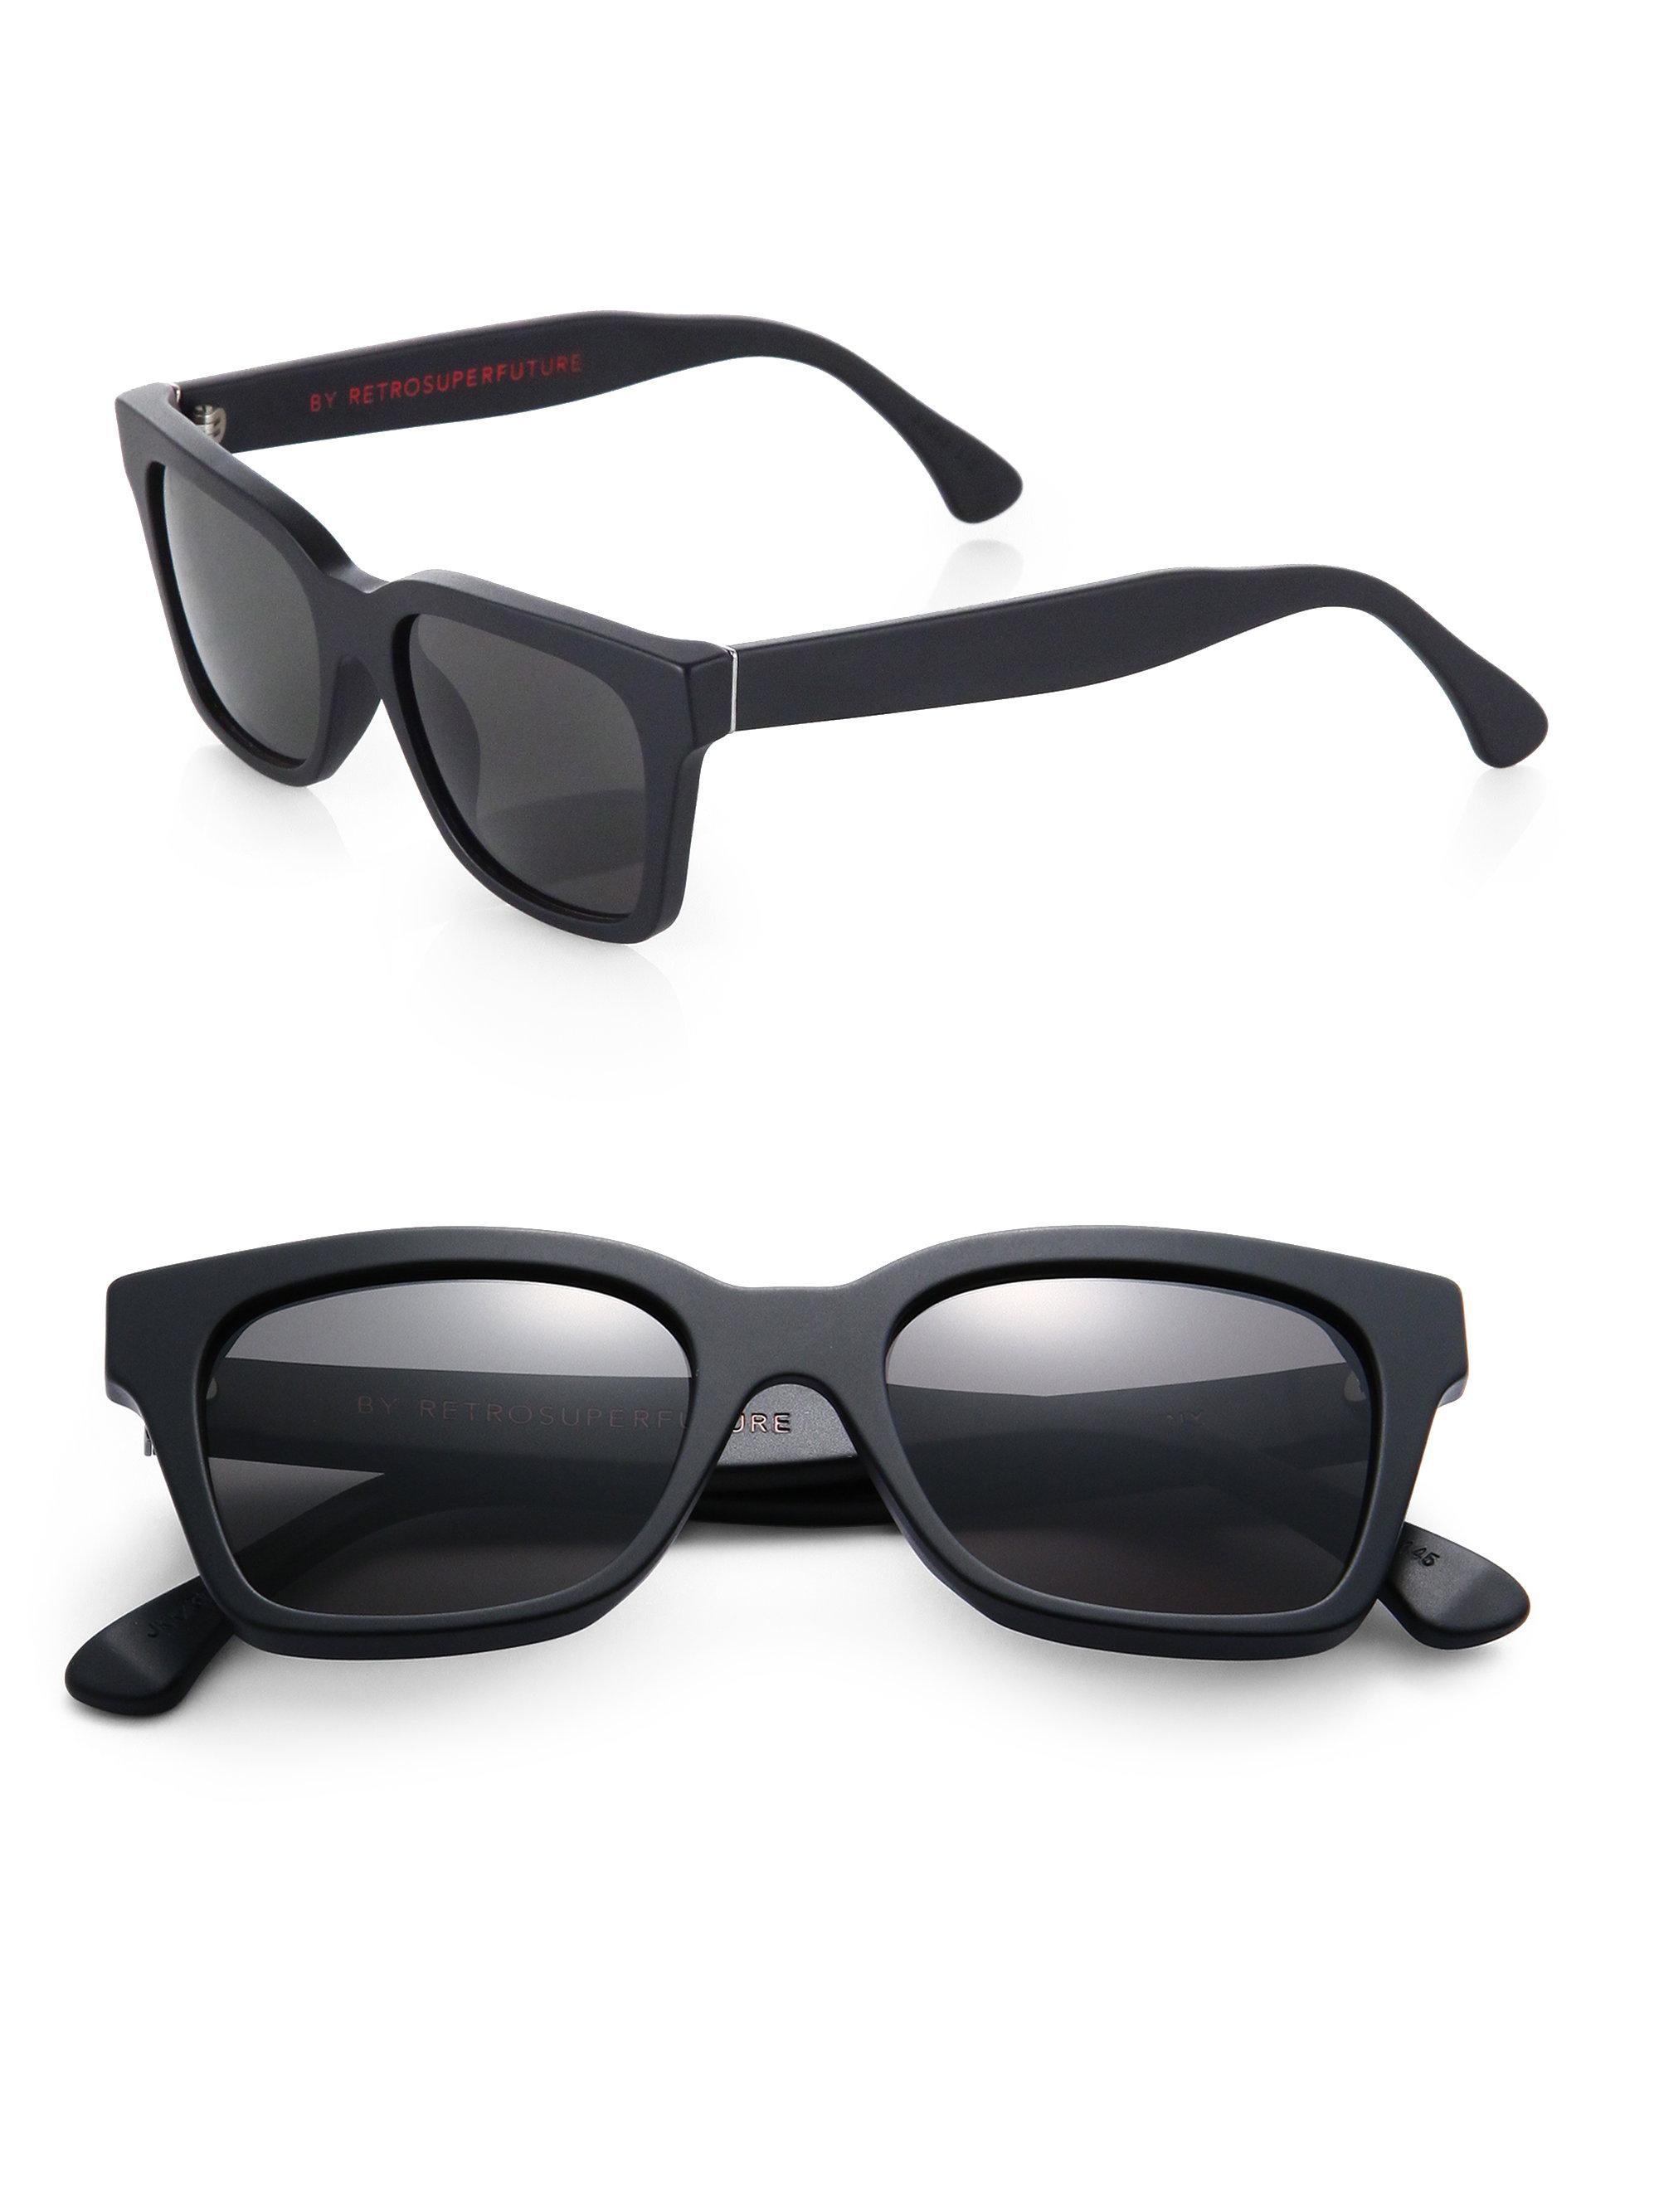 SUPER by Retrosuperfuture square sunglasses - Black Retro Superfuture lJa15vUNn